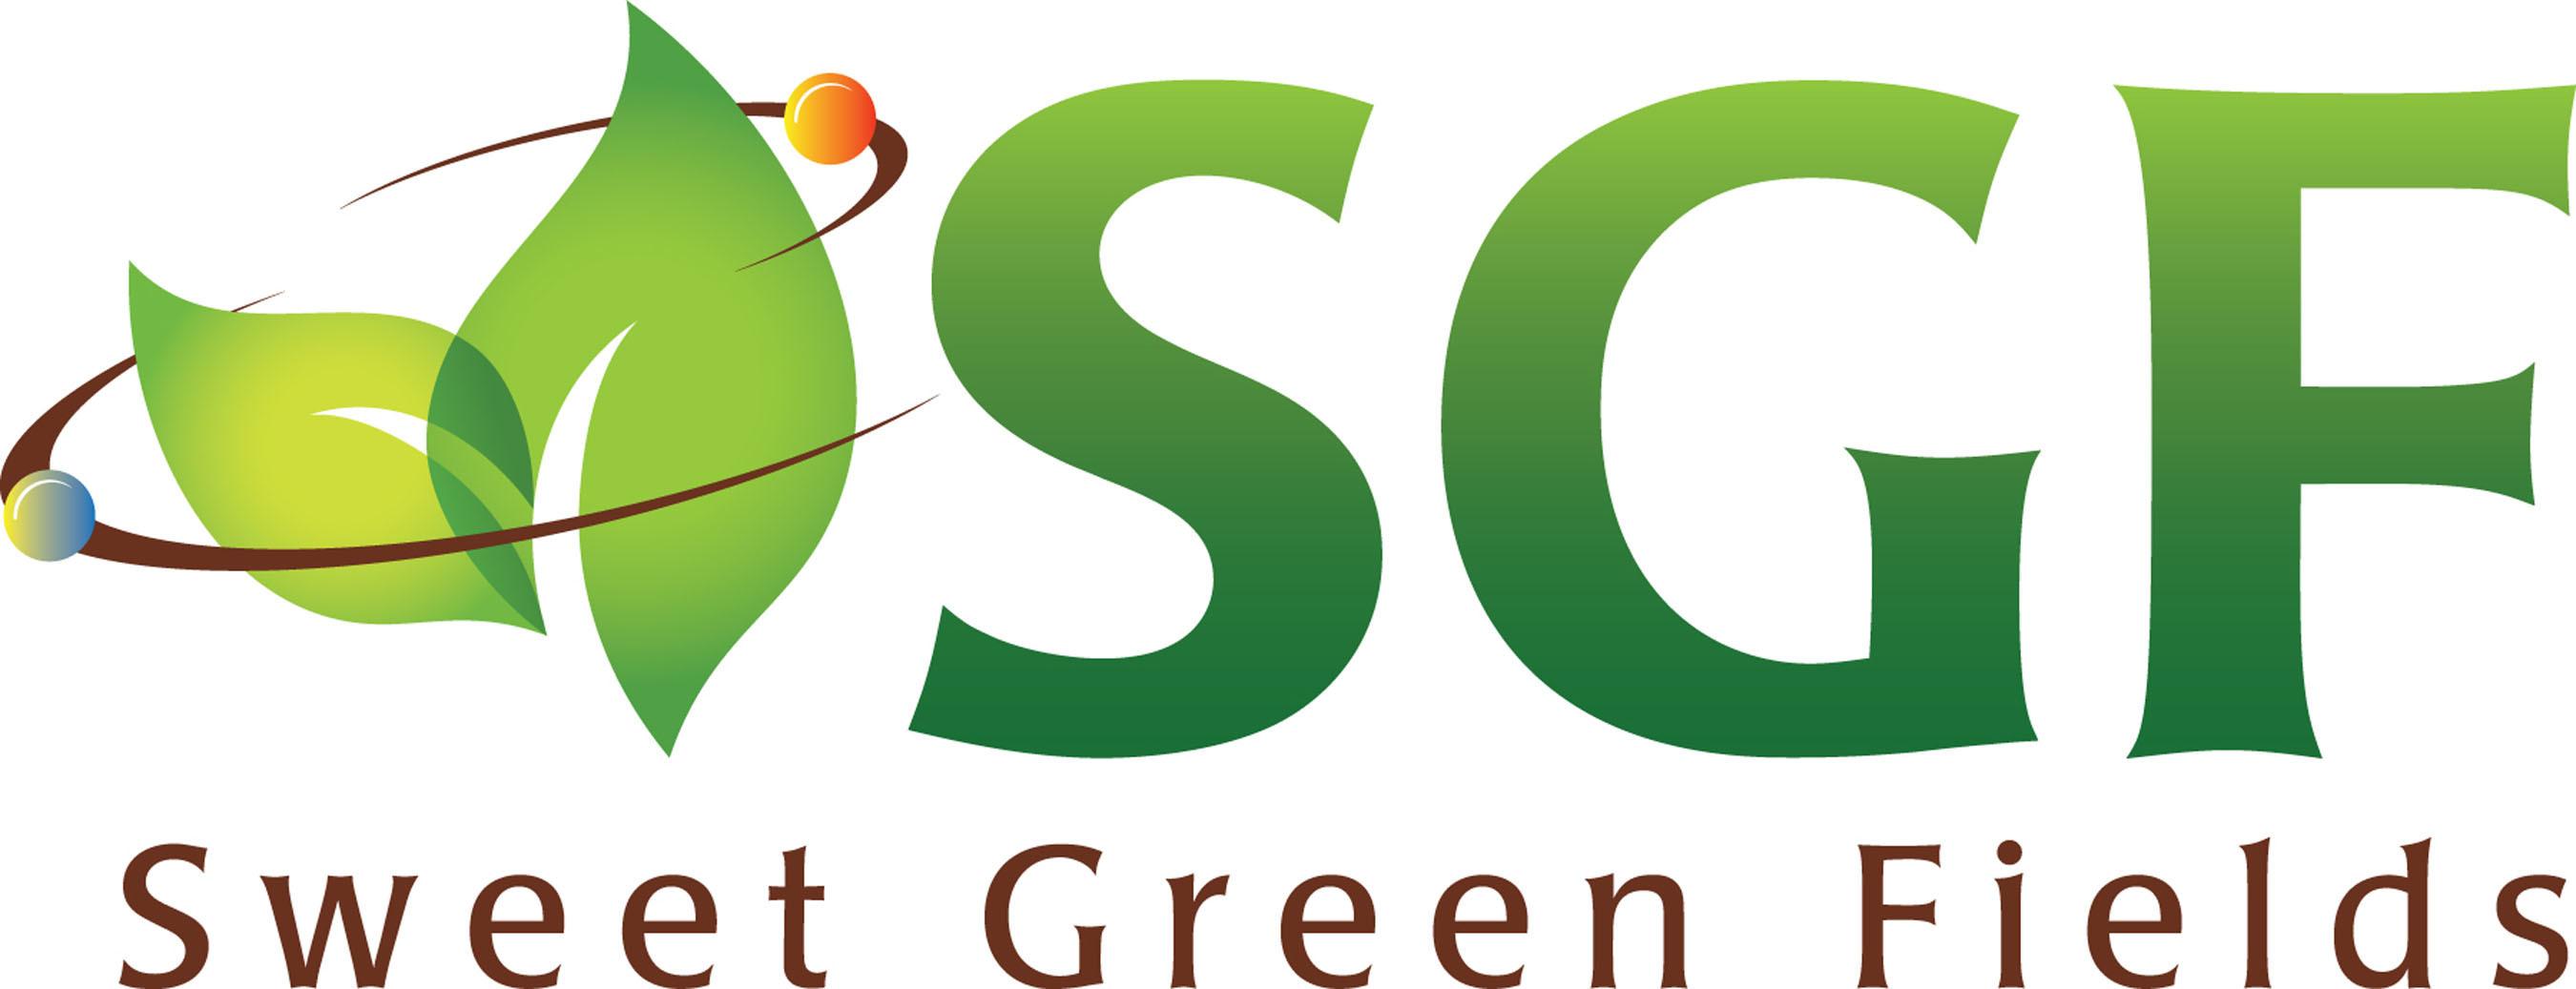 Sweet Green Fields erhält weltweites Patent für Rebaudiosid-D-Stevia